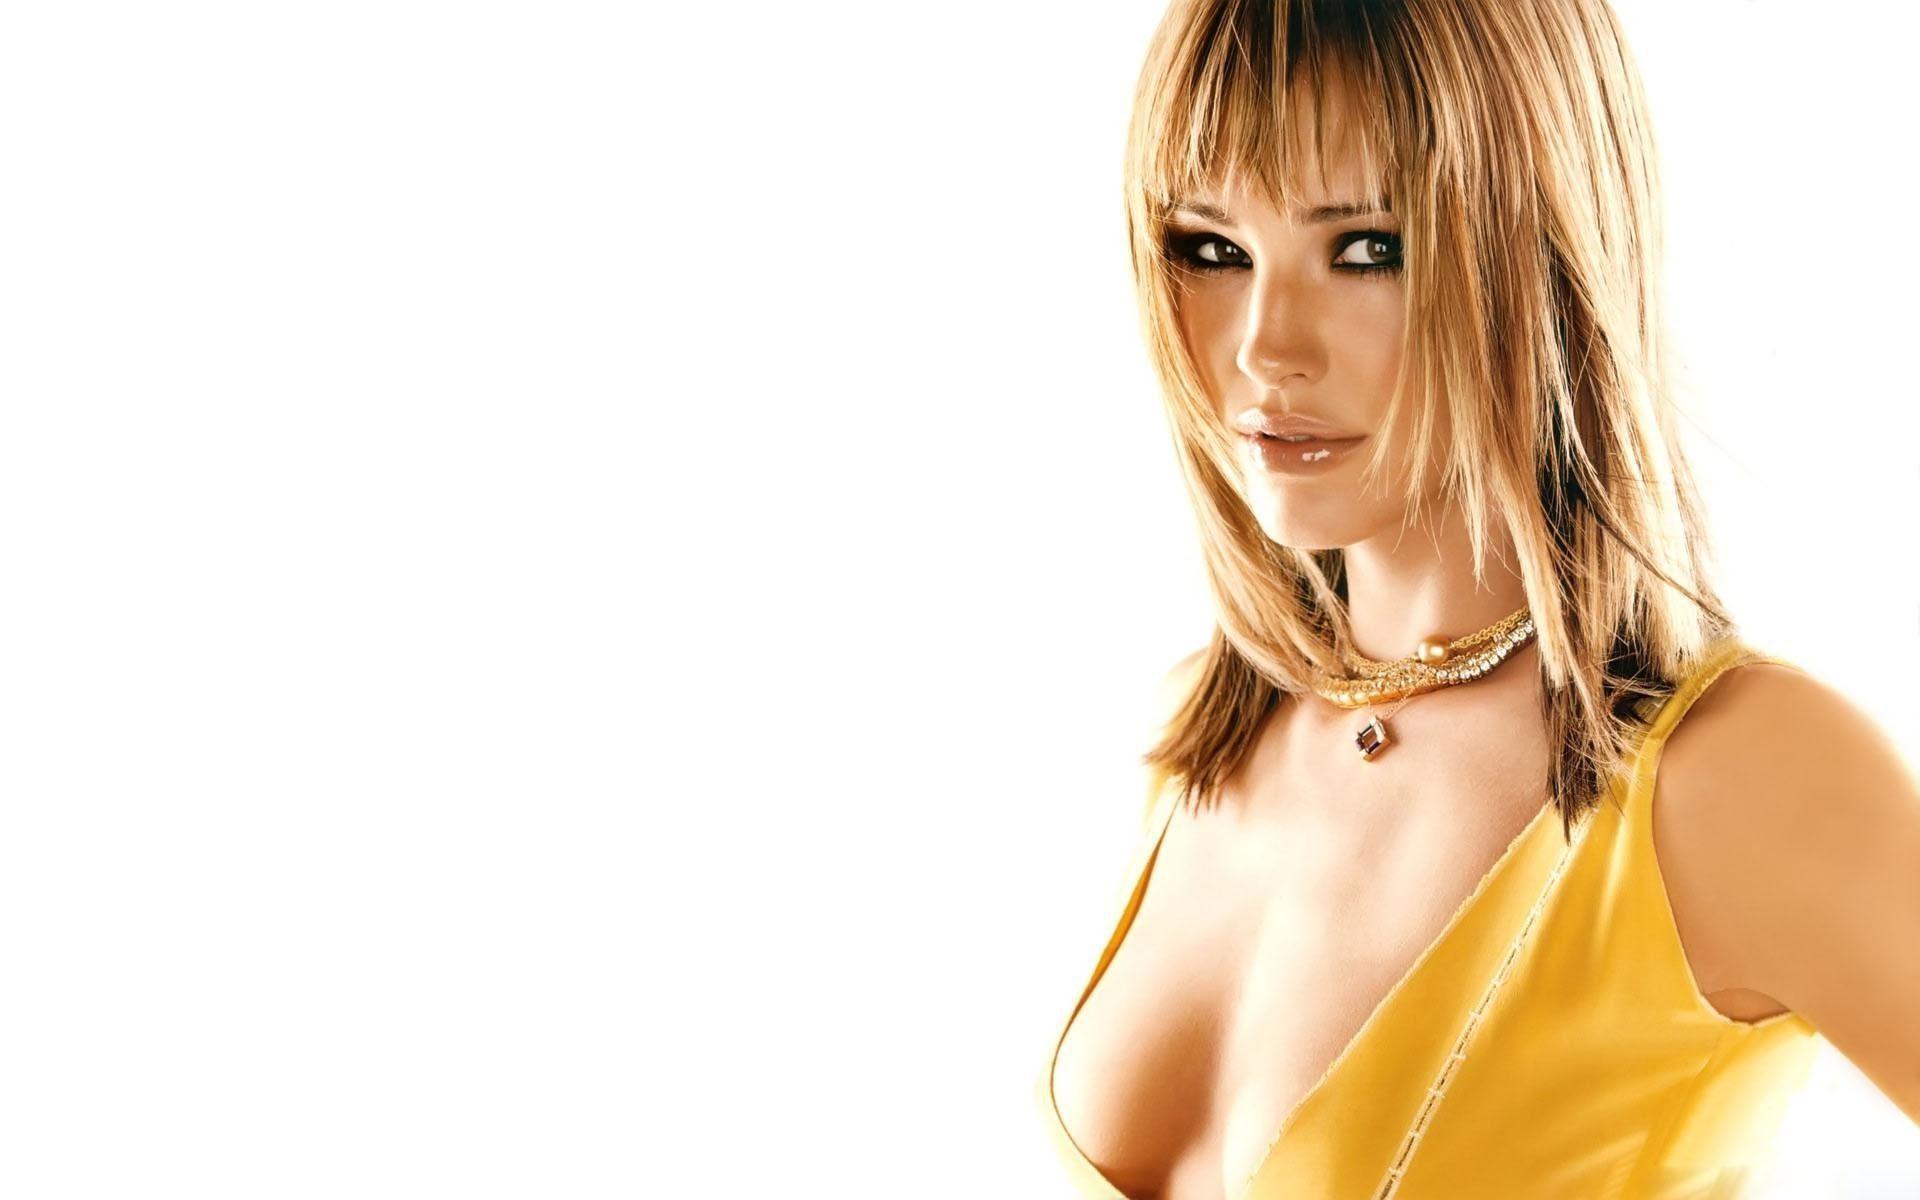 Jennifer Garner Widescreen